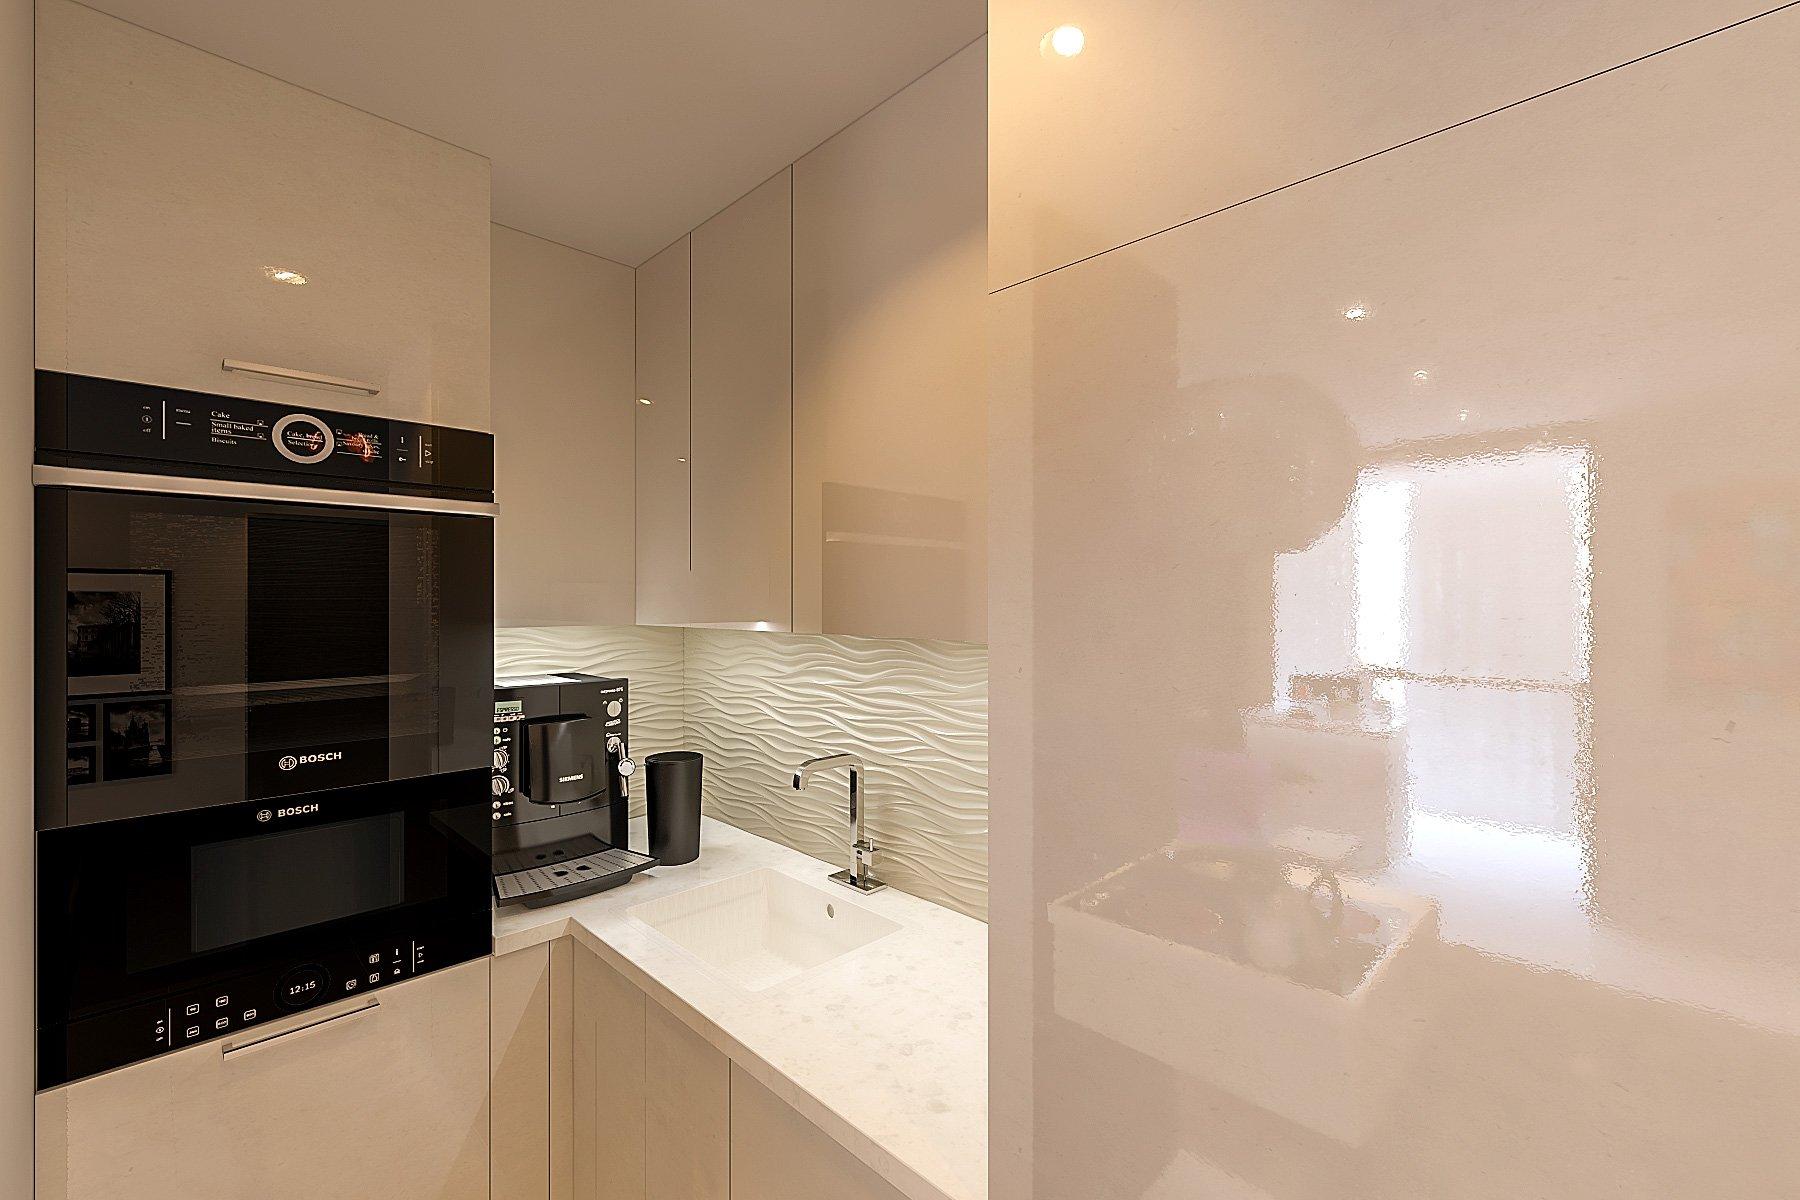 светлый, кремовый, глянцевый, маленький, компактный кухонный гарнитур со всей необходимой бытовой техникой, с встраиваемой подсветкой, до потолка, встроенный холодильник